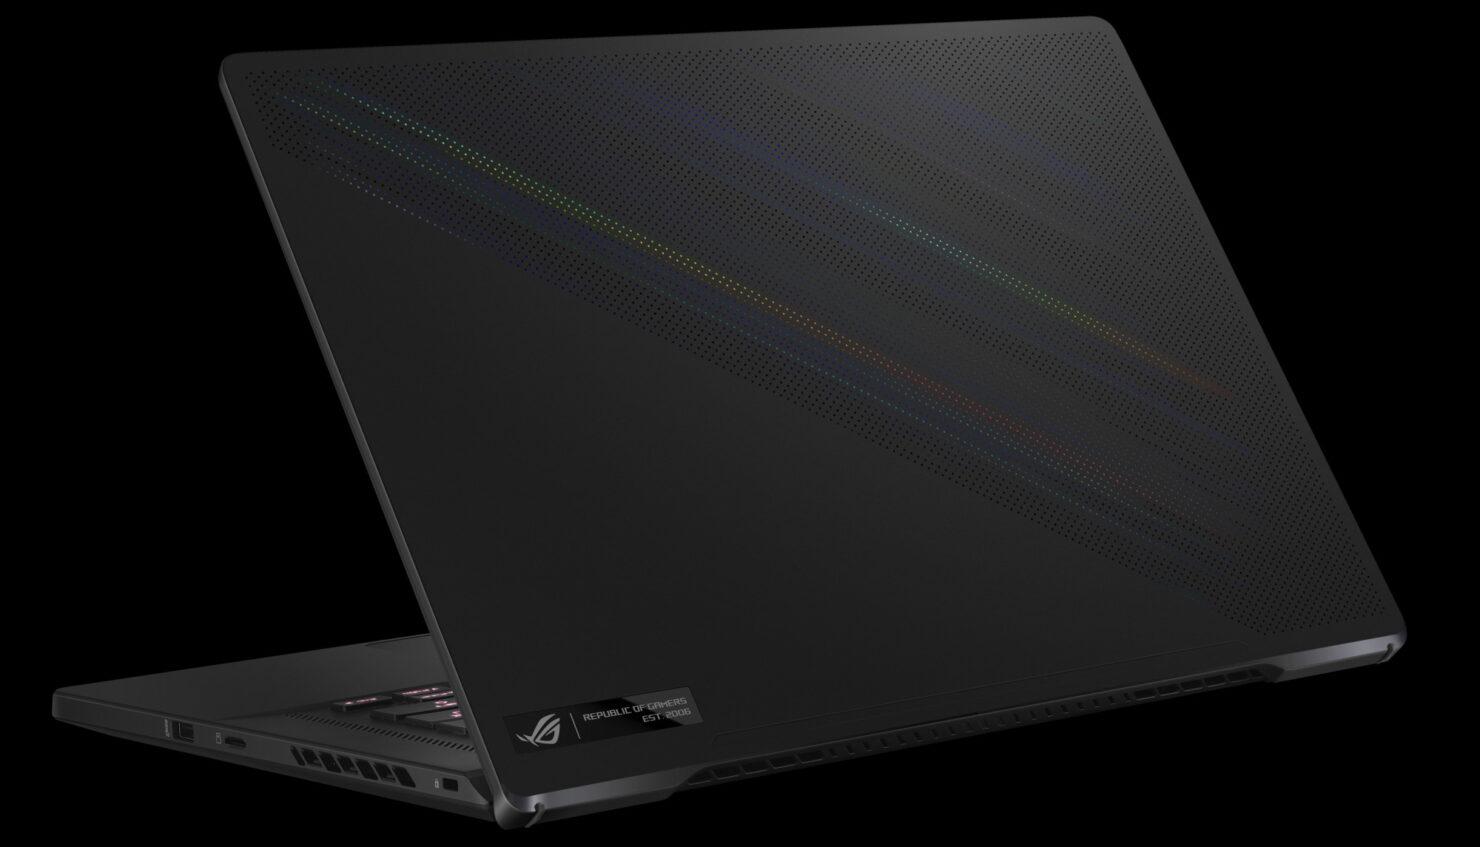 asus-rog-zephyrus-m16-gaming-laptop-_7